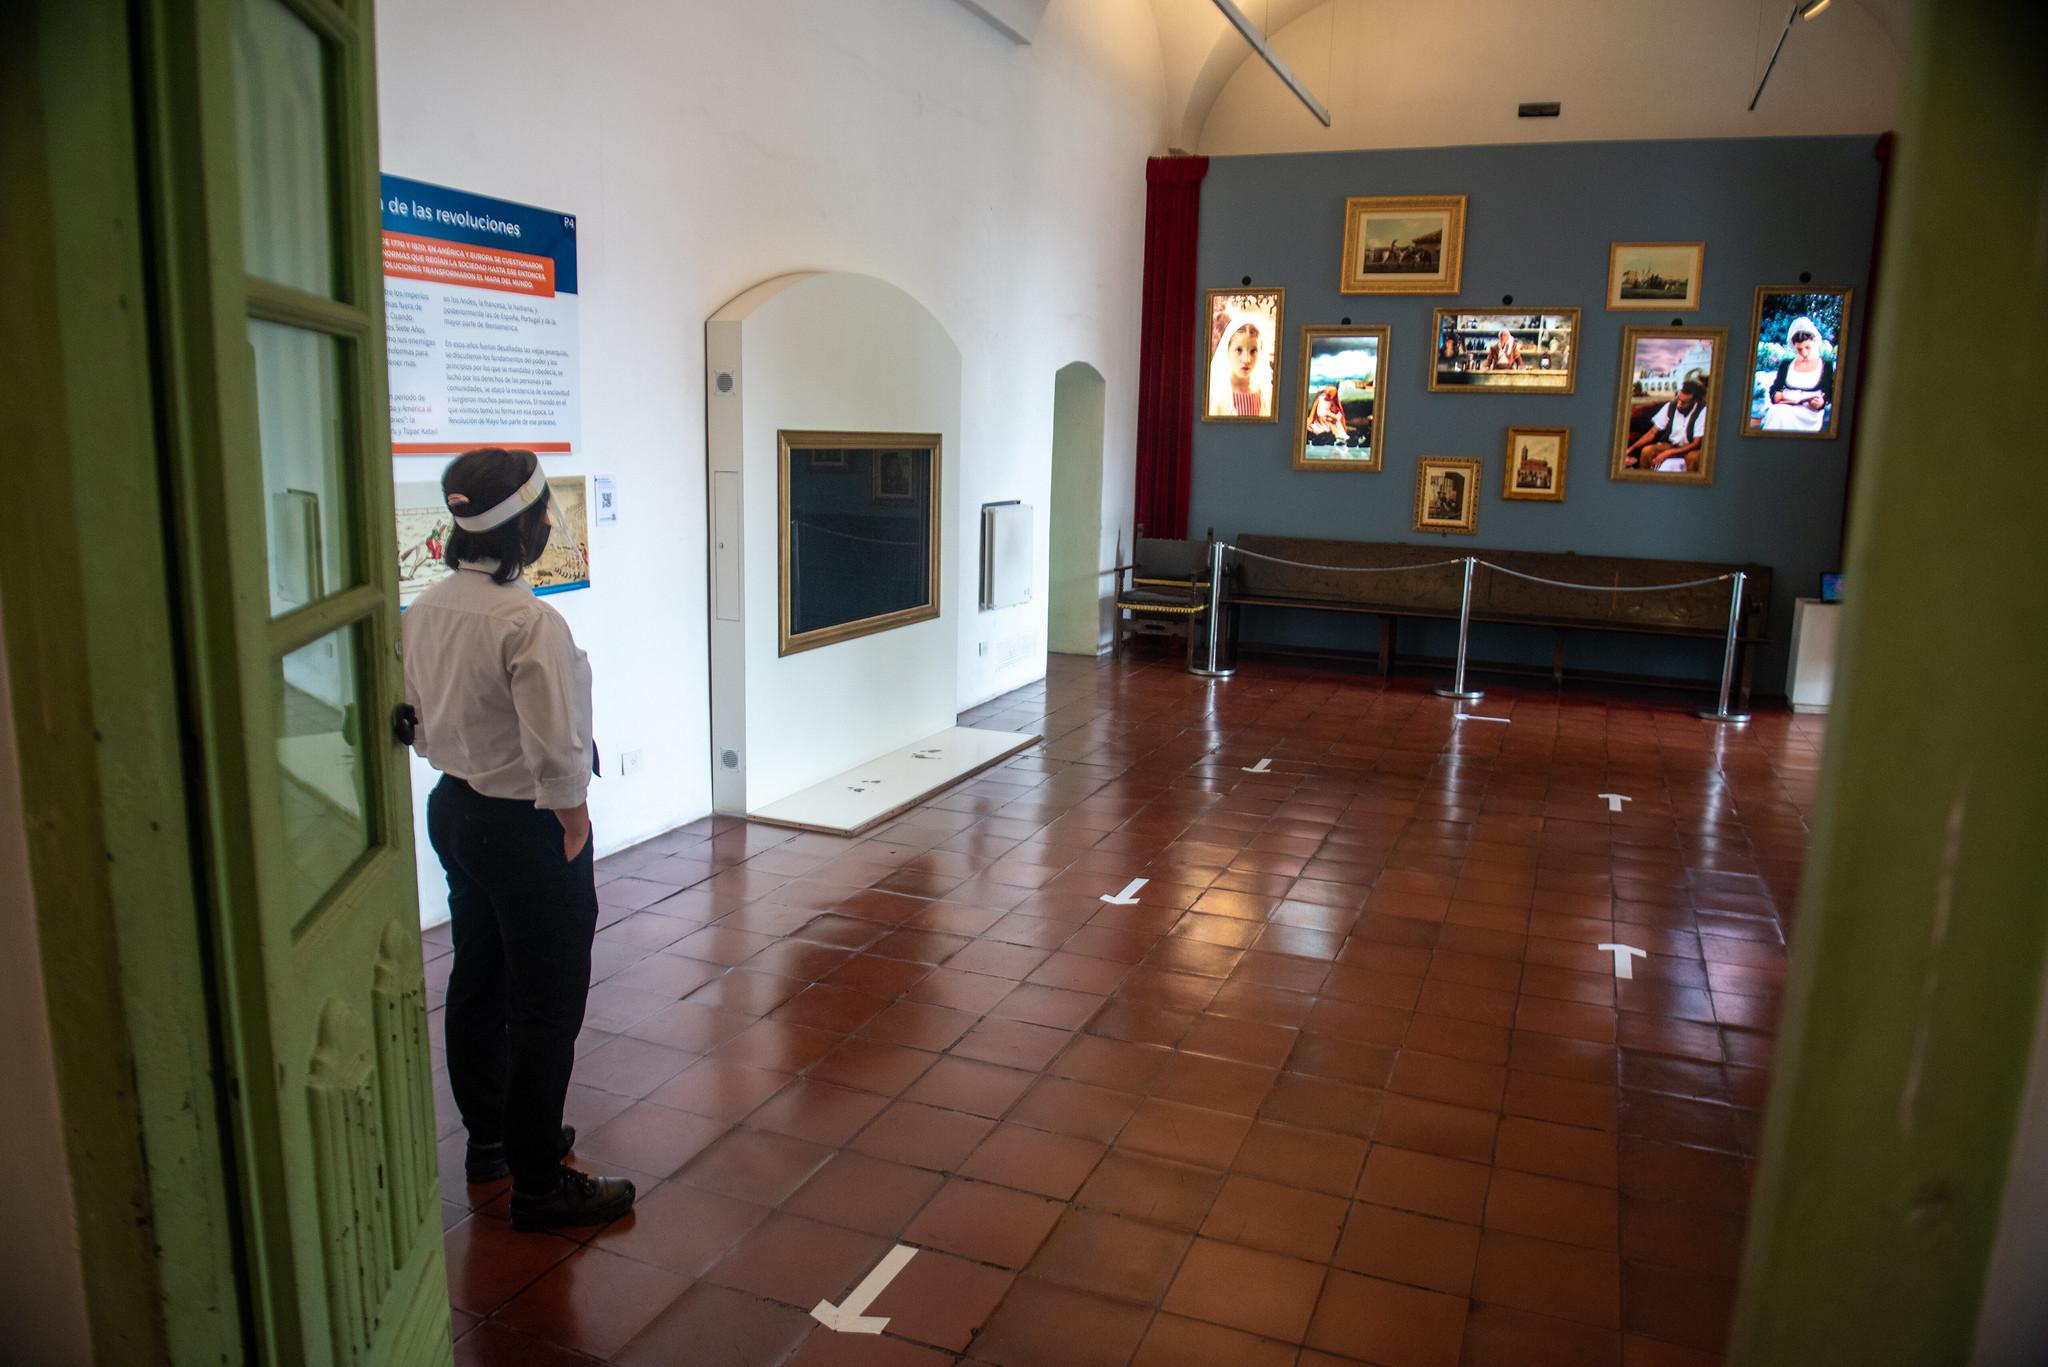 Con estrictas medidas de higiene, también reabrió el museo del Cabildo (Ministerio de Cultura)